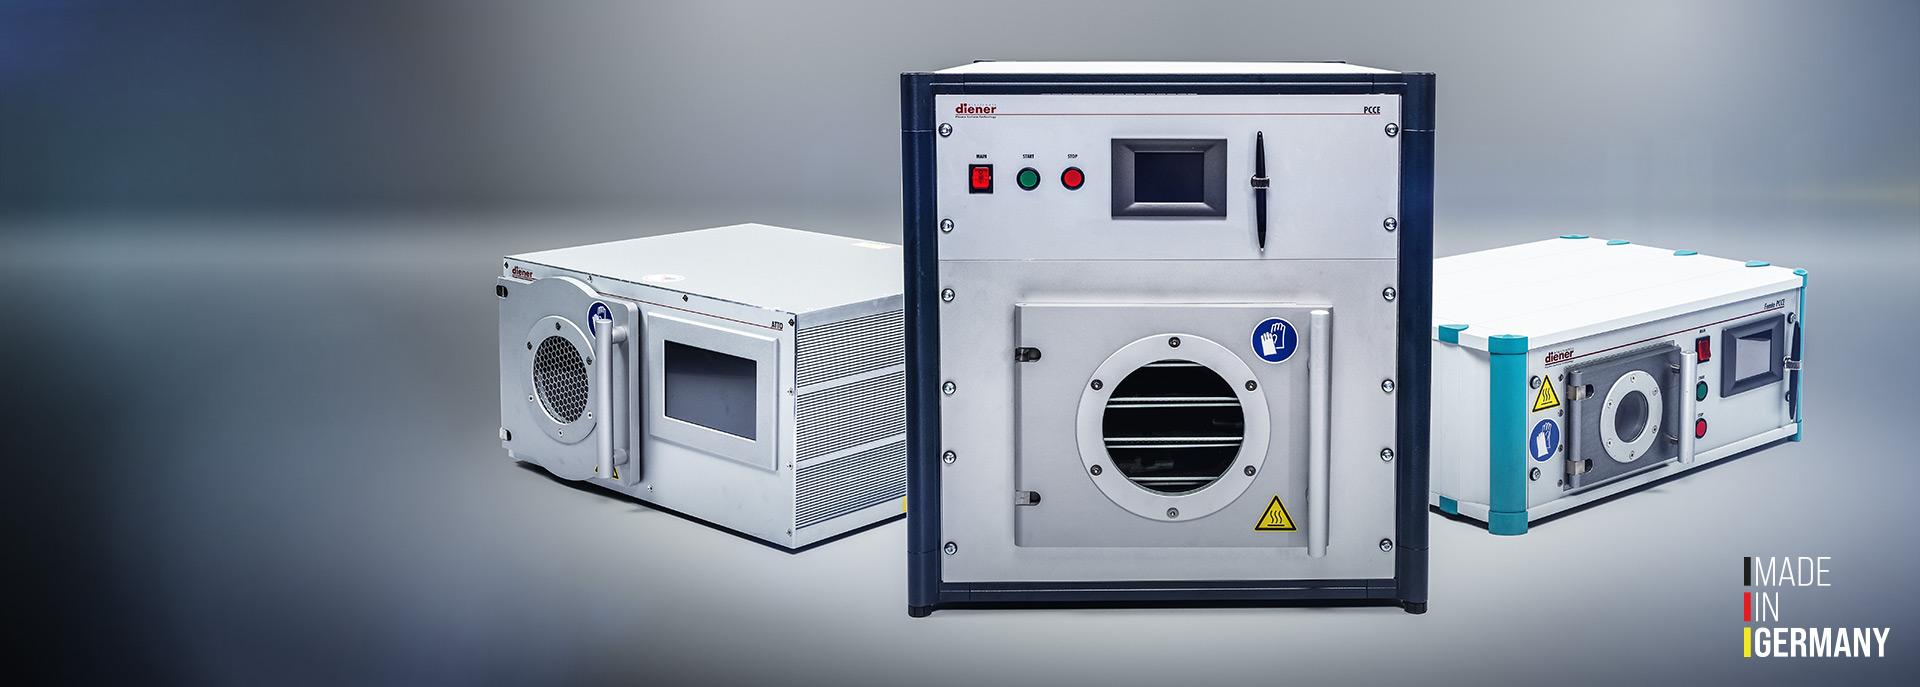 Niederdruck Plasmaanlagen zur reinigung, aktivierung, ätzung und beschichtung